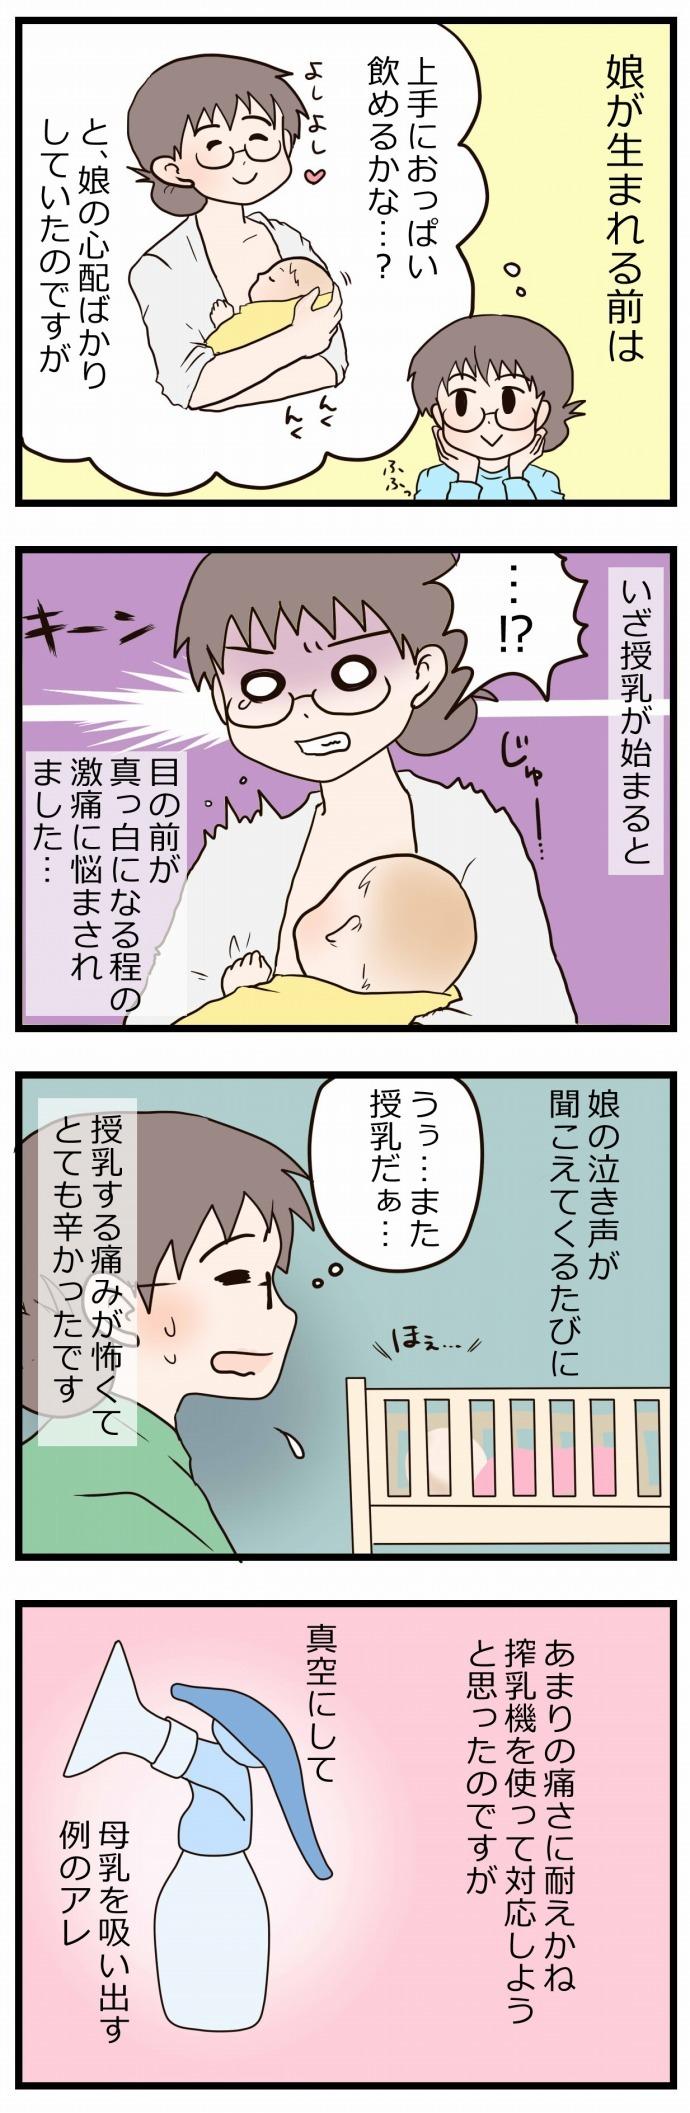 前からやっておけば…!新生児期の激痛で身にしみた、おっぱいケアの大切さの画像1